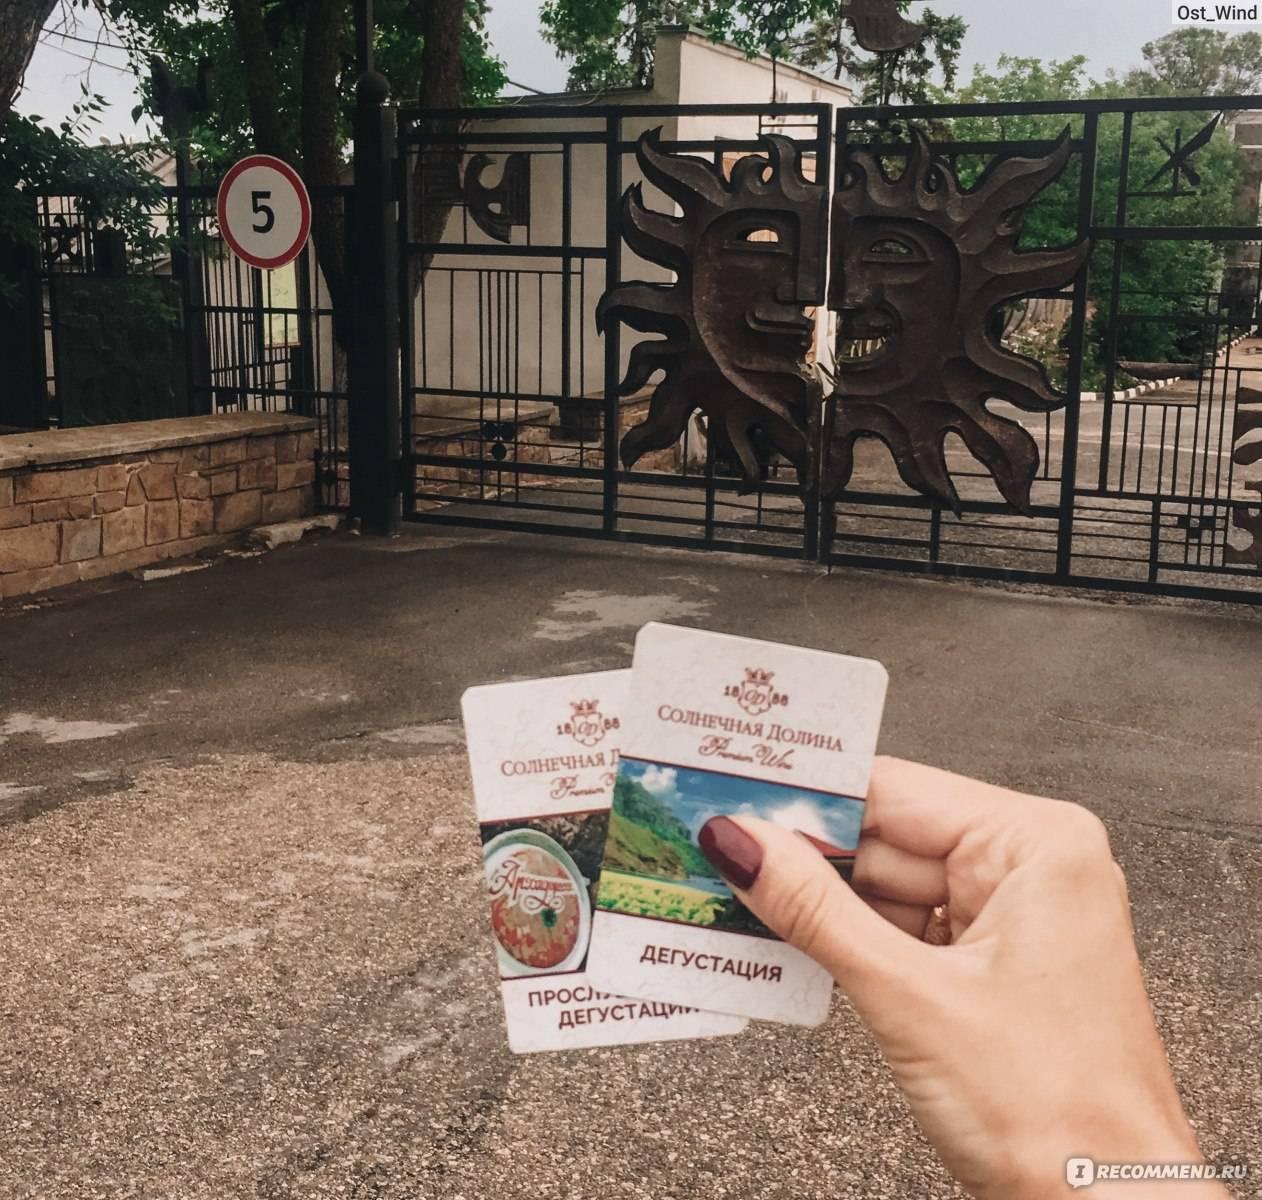 Винзавод «солнечная долина» в крыму: официальный сайт, цены, экскурсии